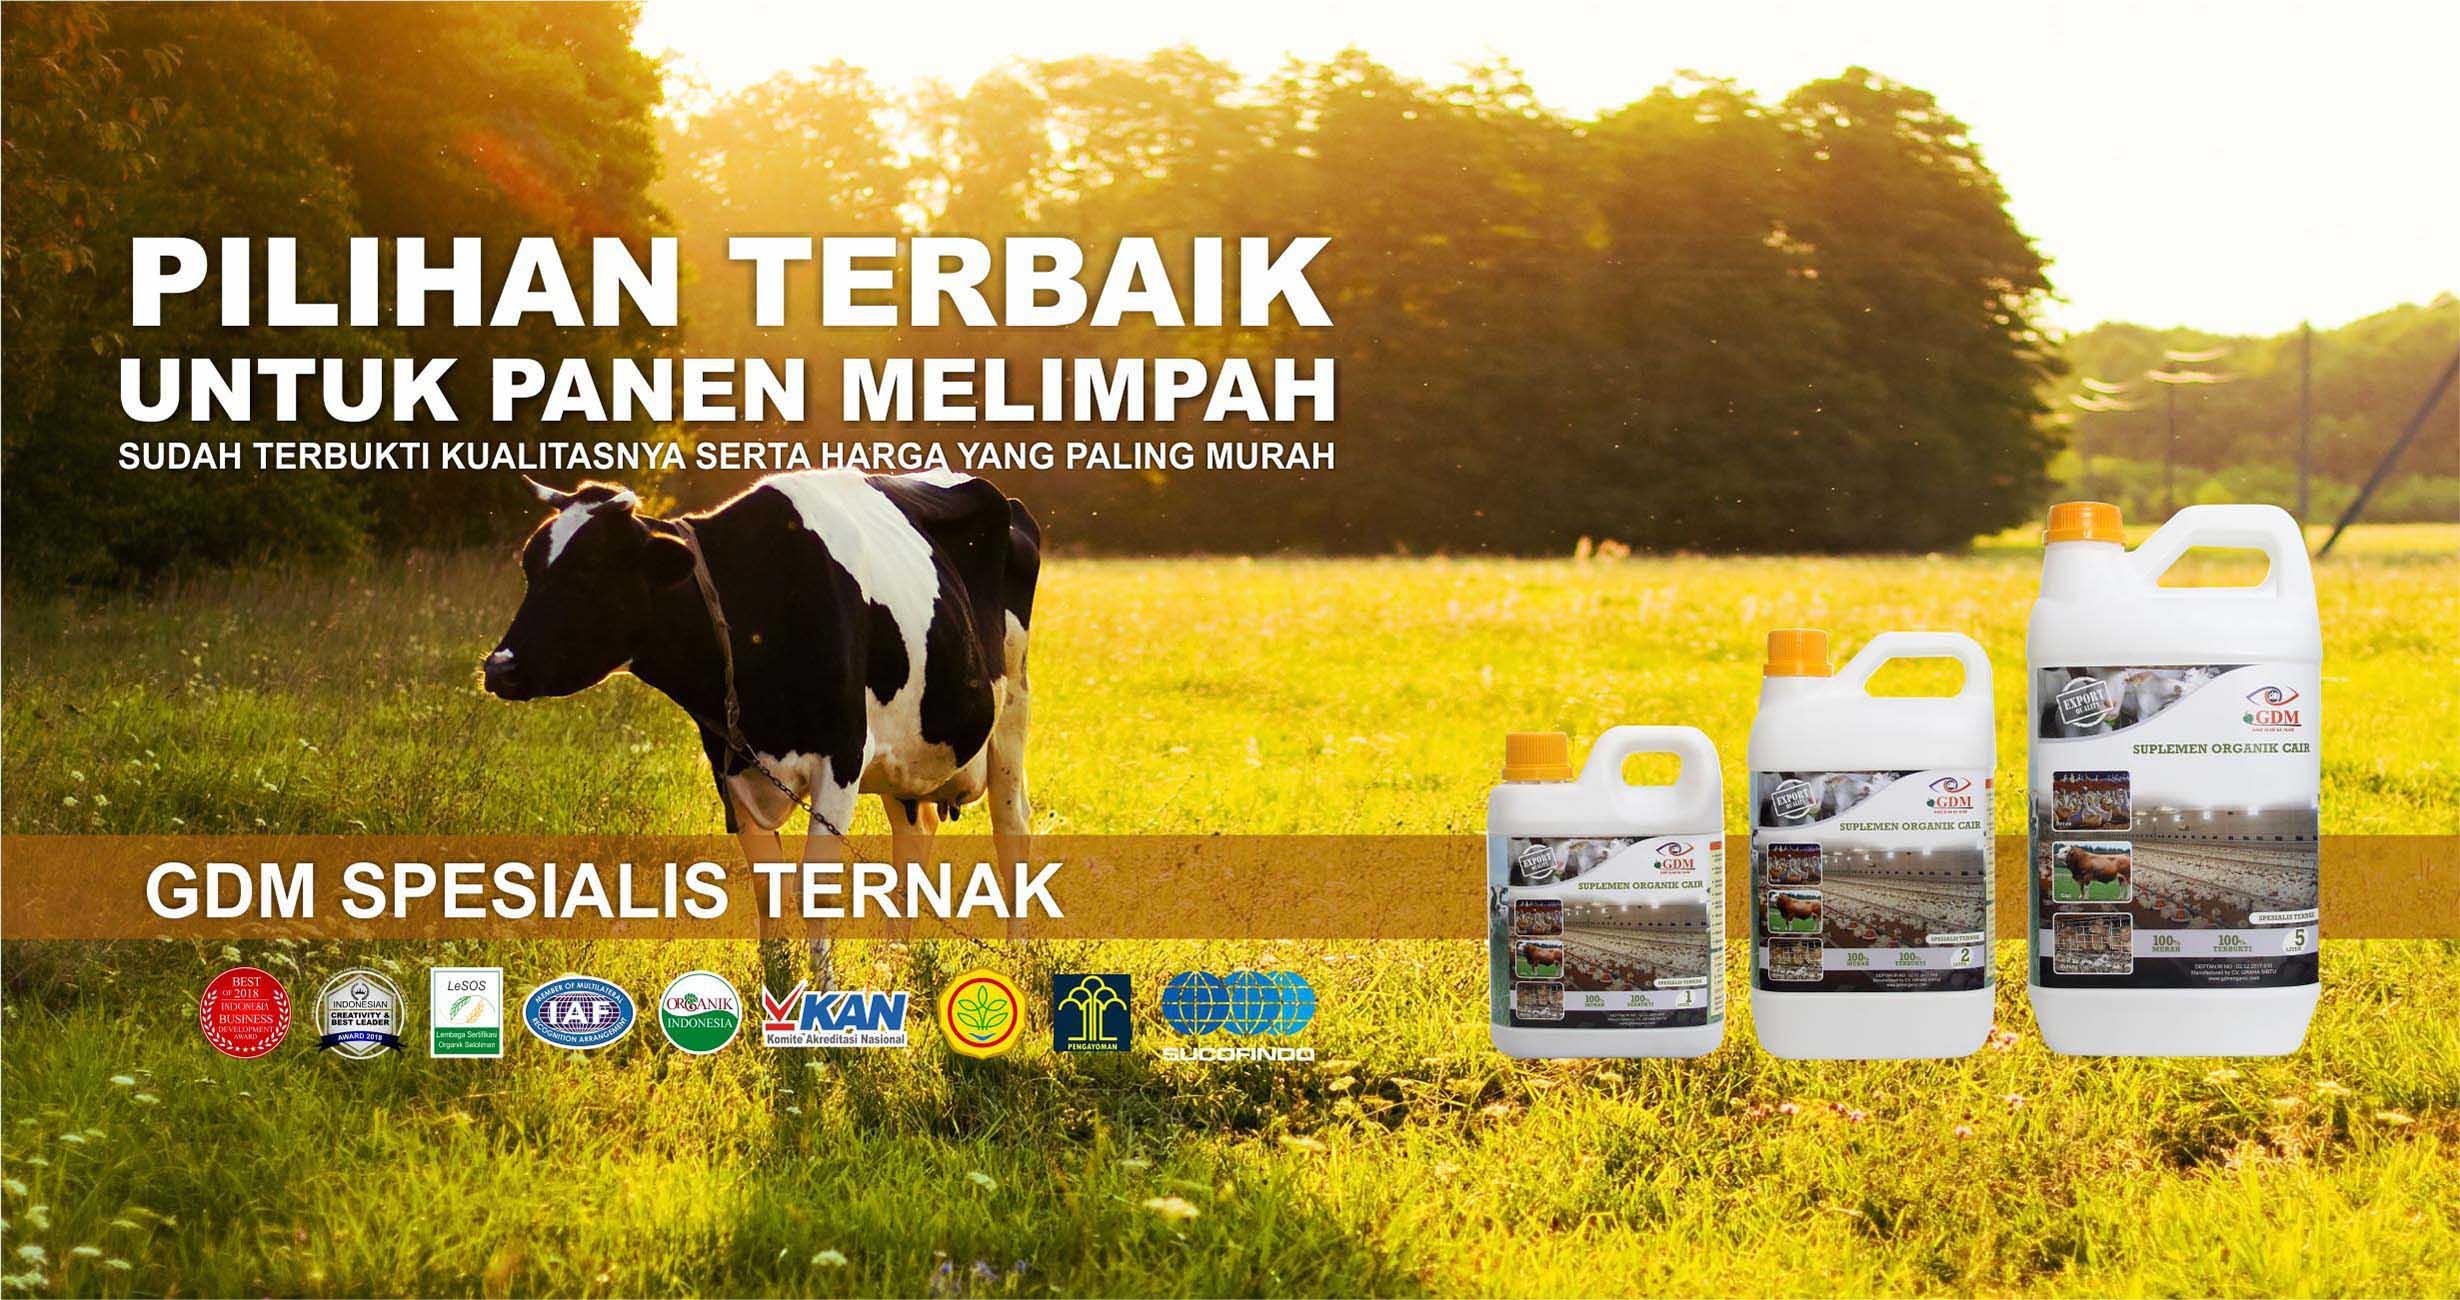 cover suplemen organik cair spesialis ternak